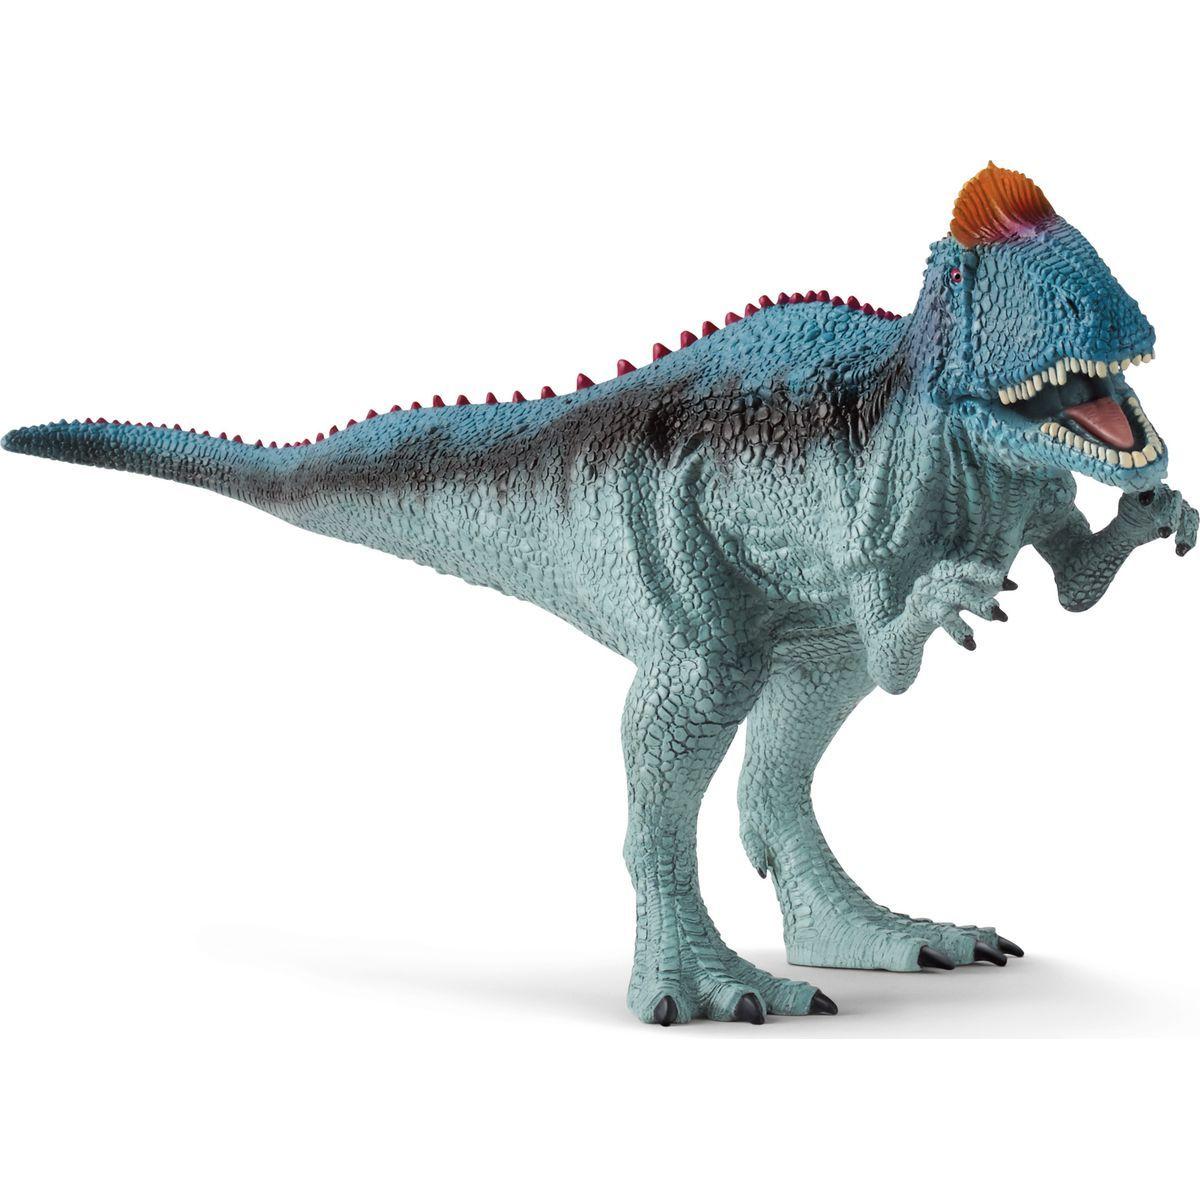 Schleich 15020 Prehistorické zvieratko Cryolophosaurus s pohyblivou čeľusťou